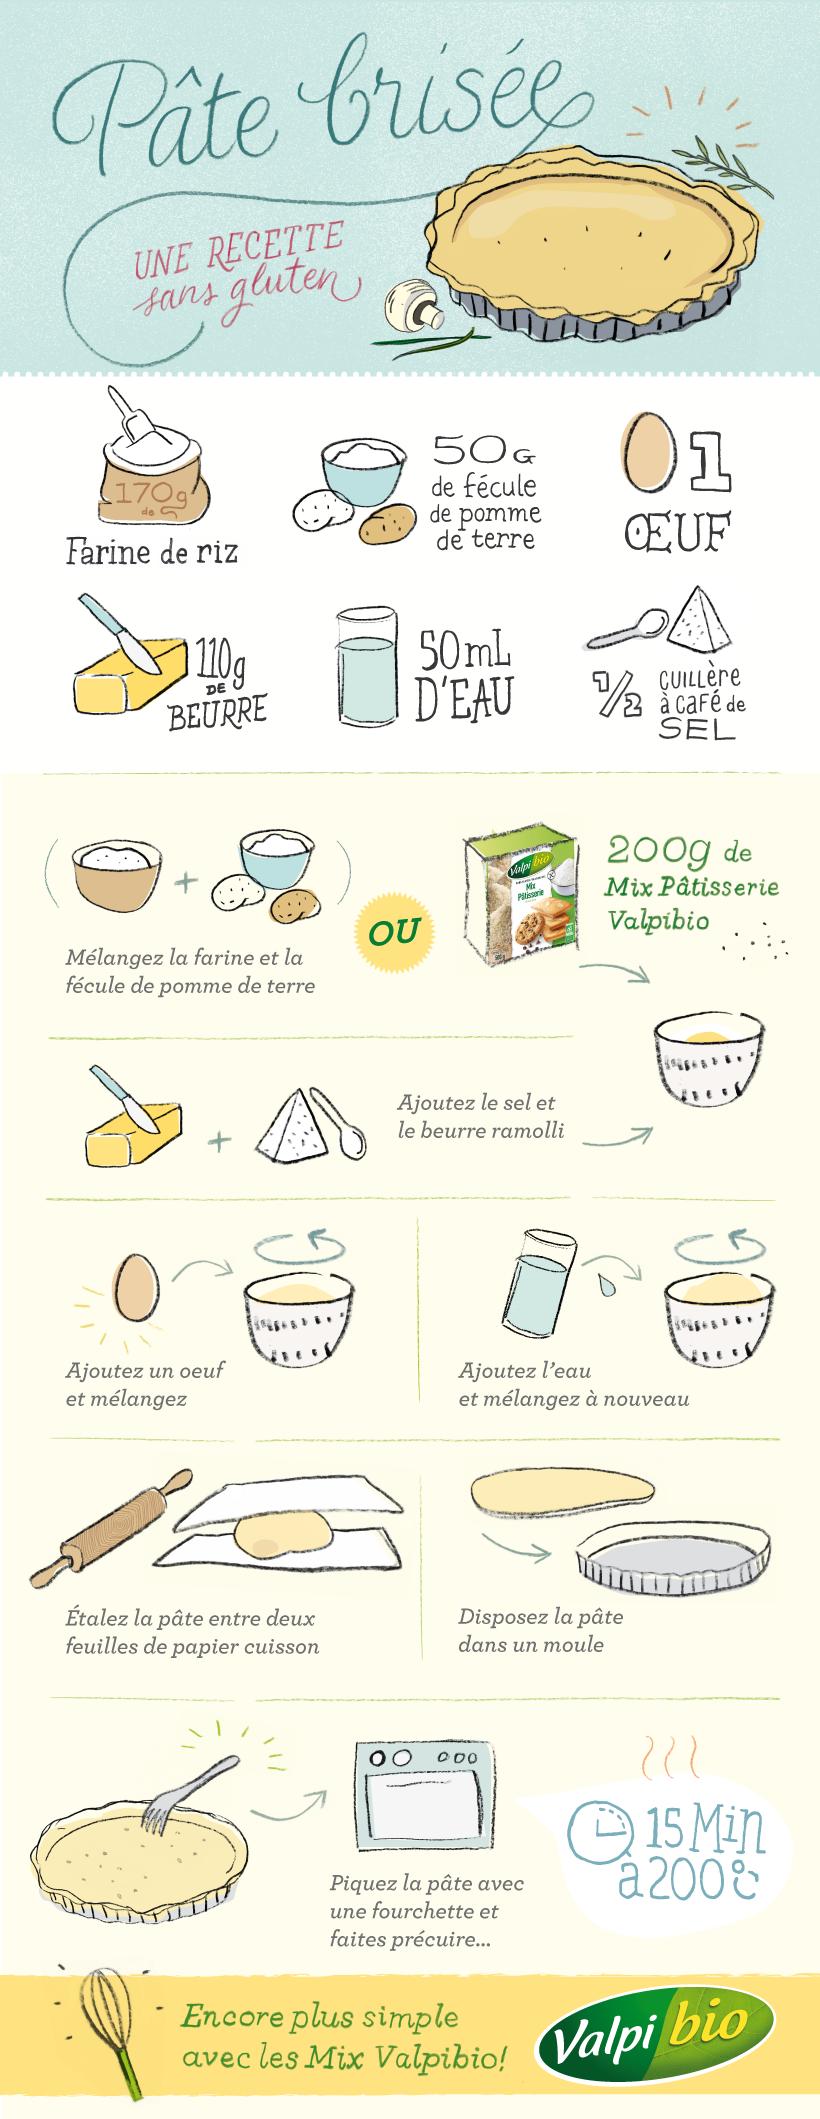 La pâte brisée, recette de base sans gluten